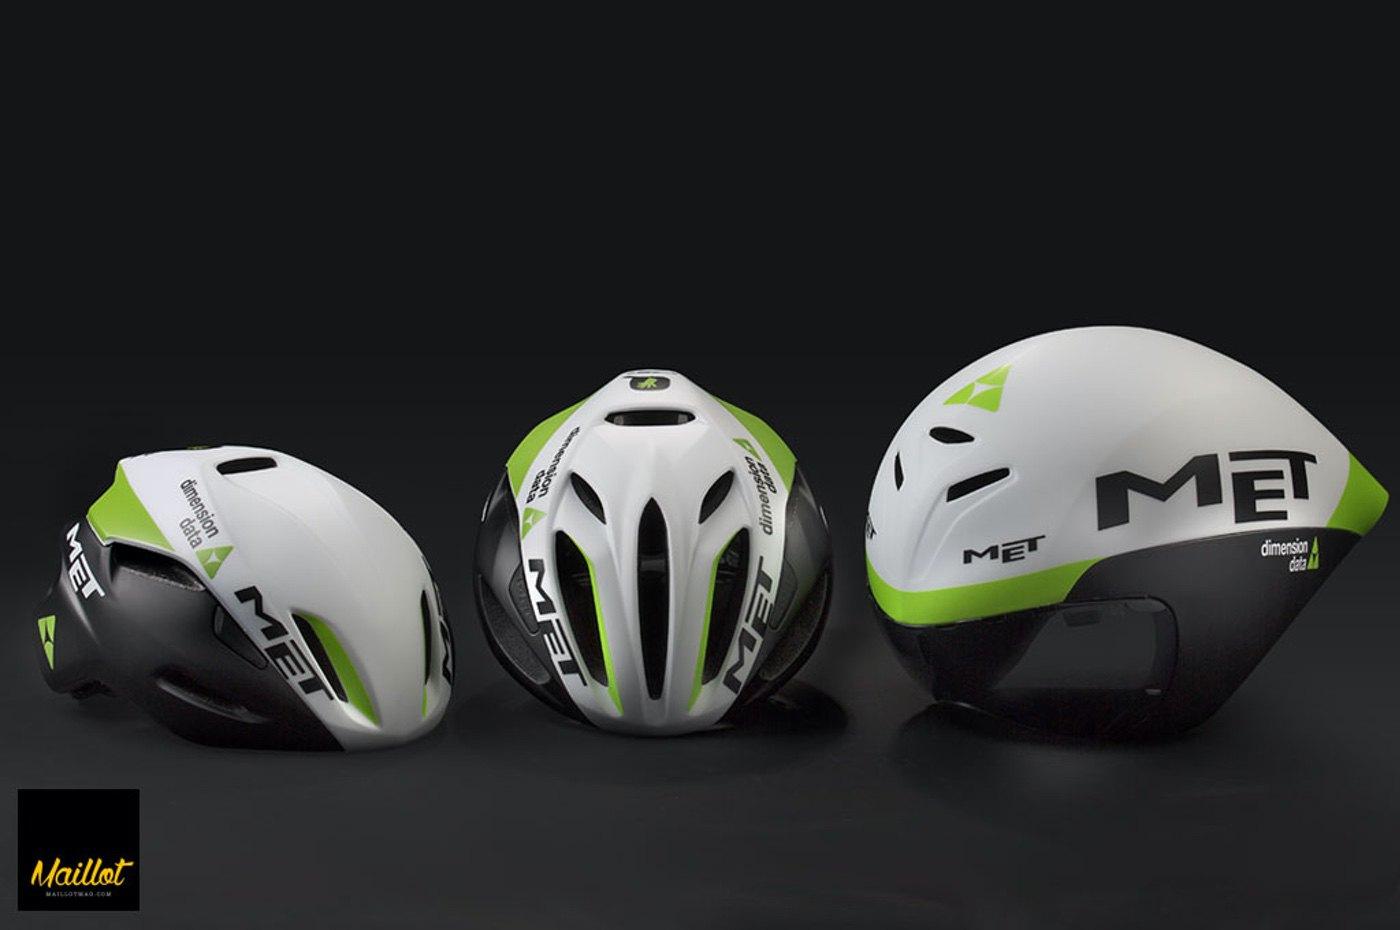 Los cascos MET del Equipo Dimension Data